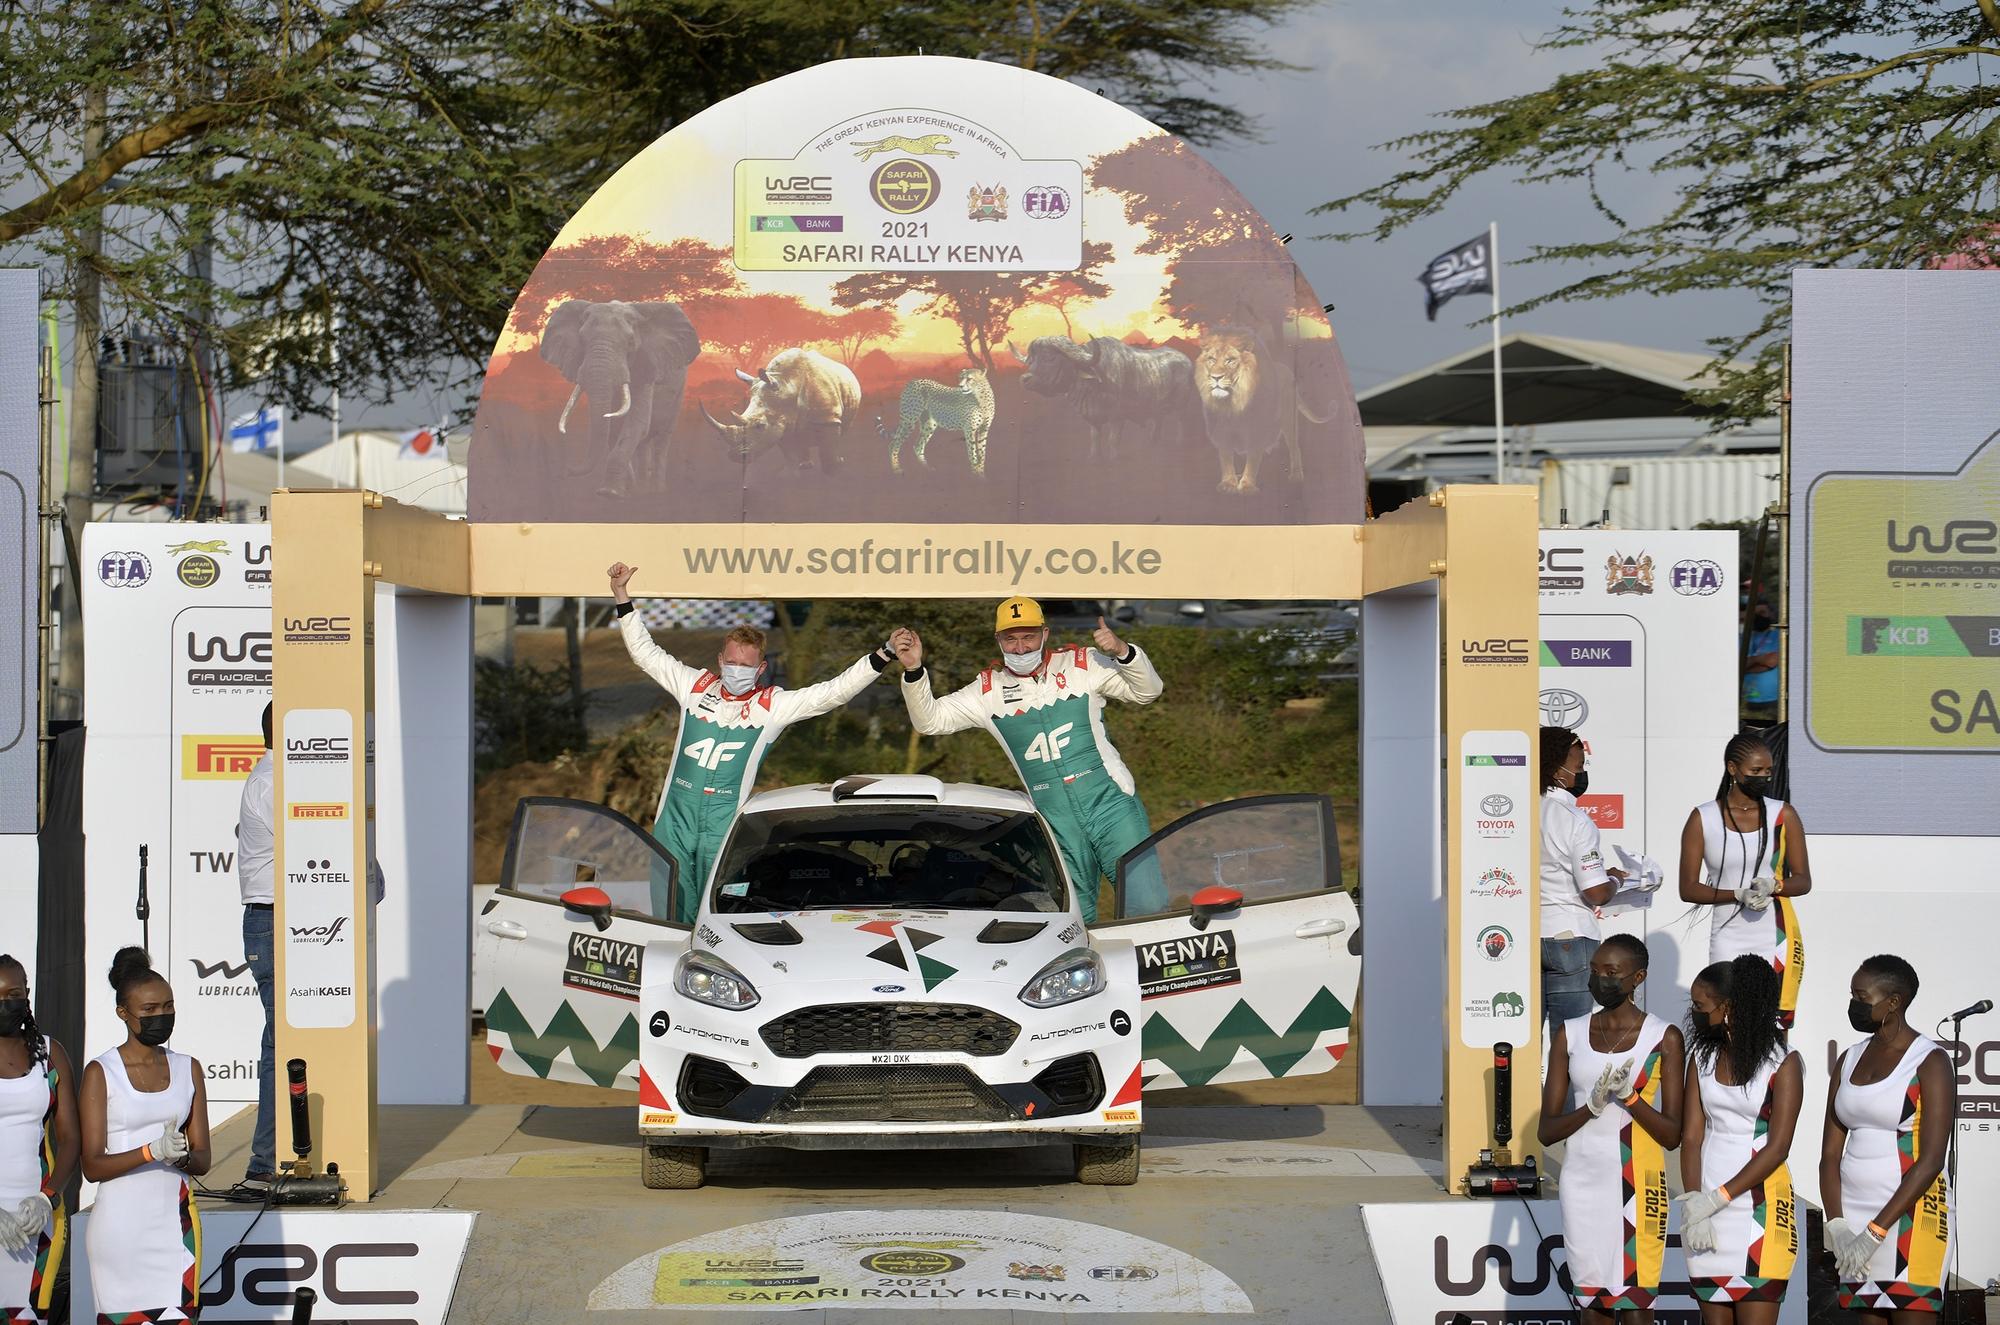 Podsumowanie 68. edycji Safari Rally Kenya! Co się działo?